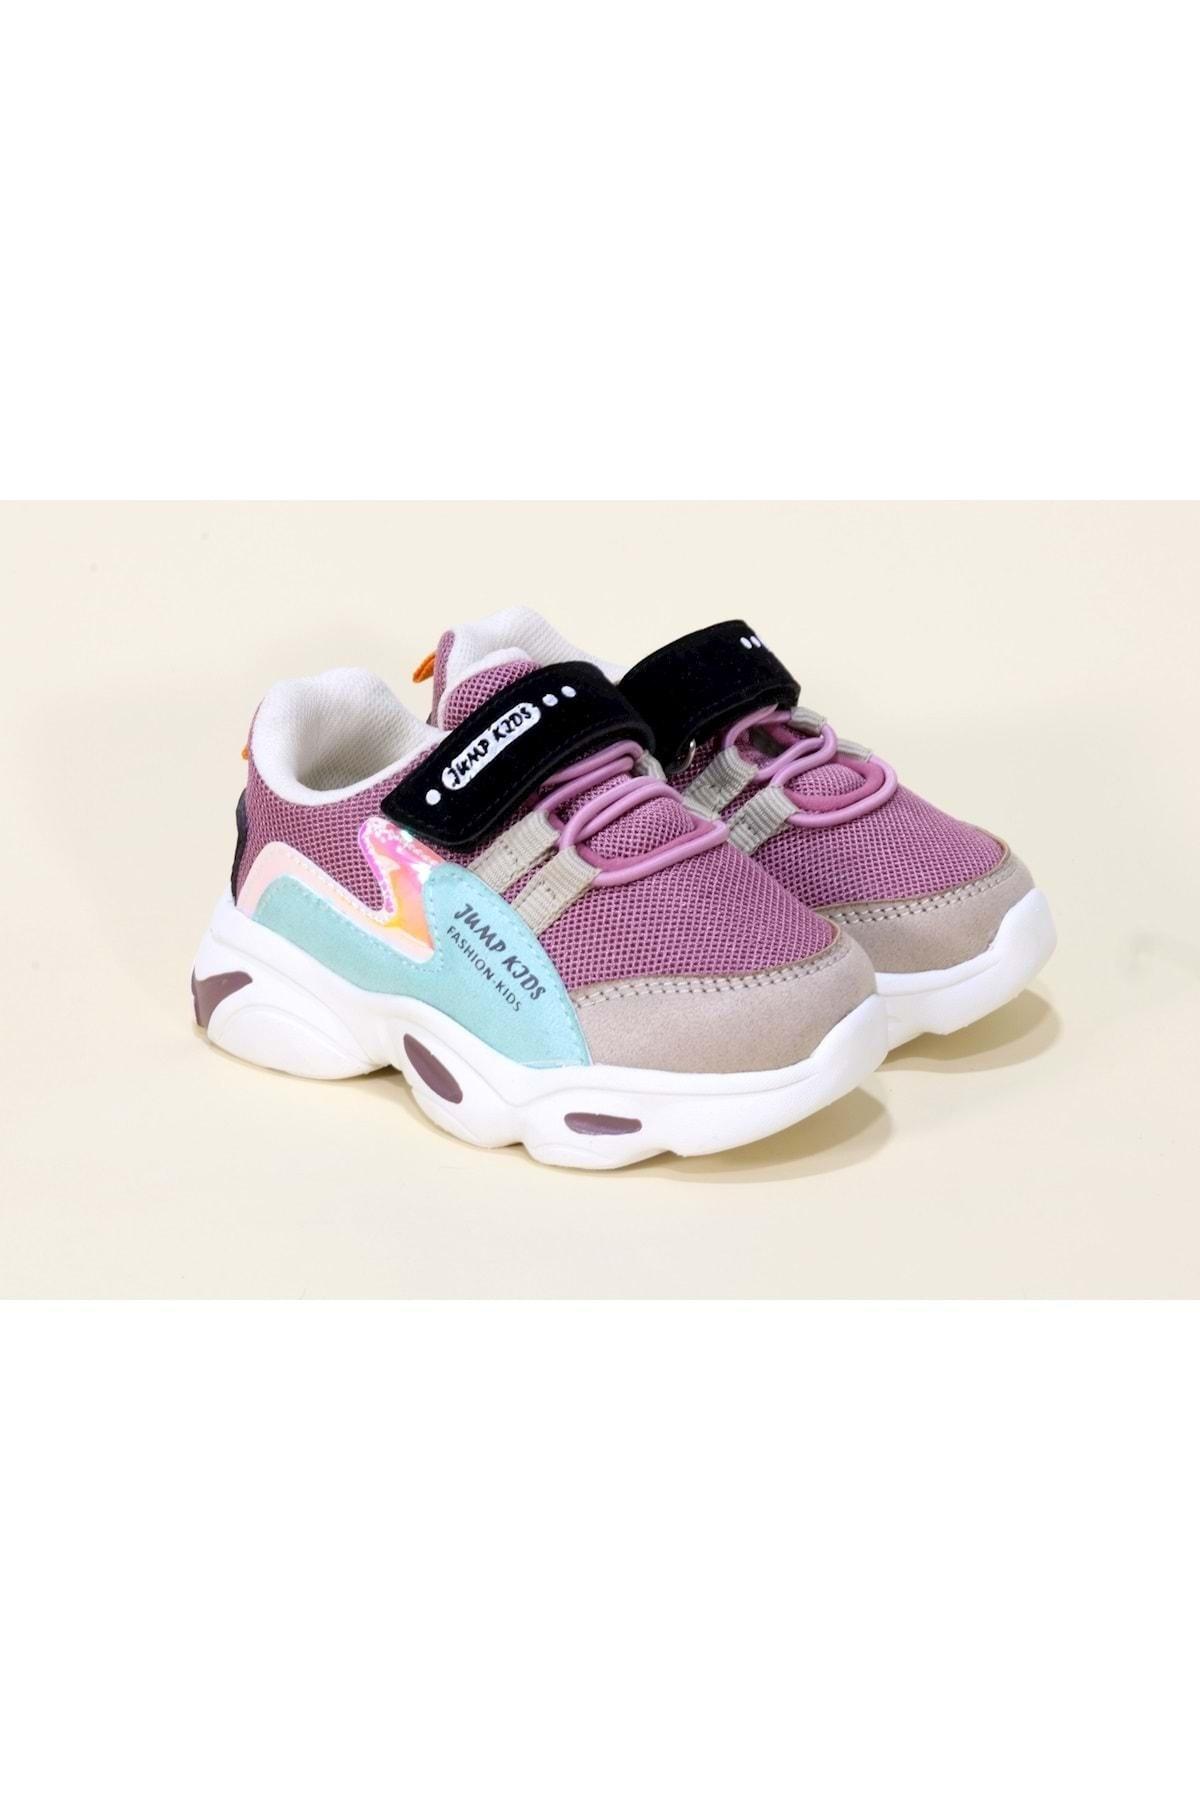 Kız Çocuk Mor 25833 Ortopedic Spor Ayakkabı 21